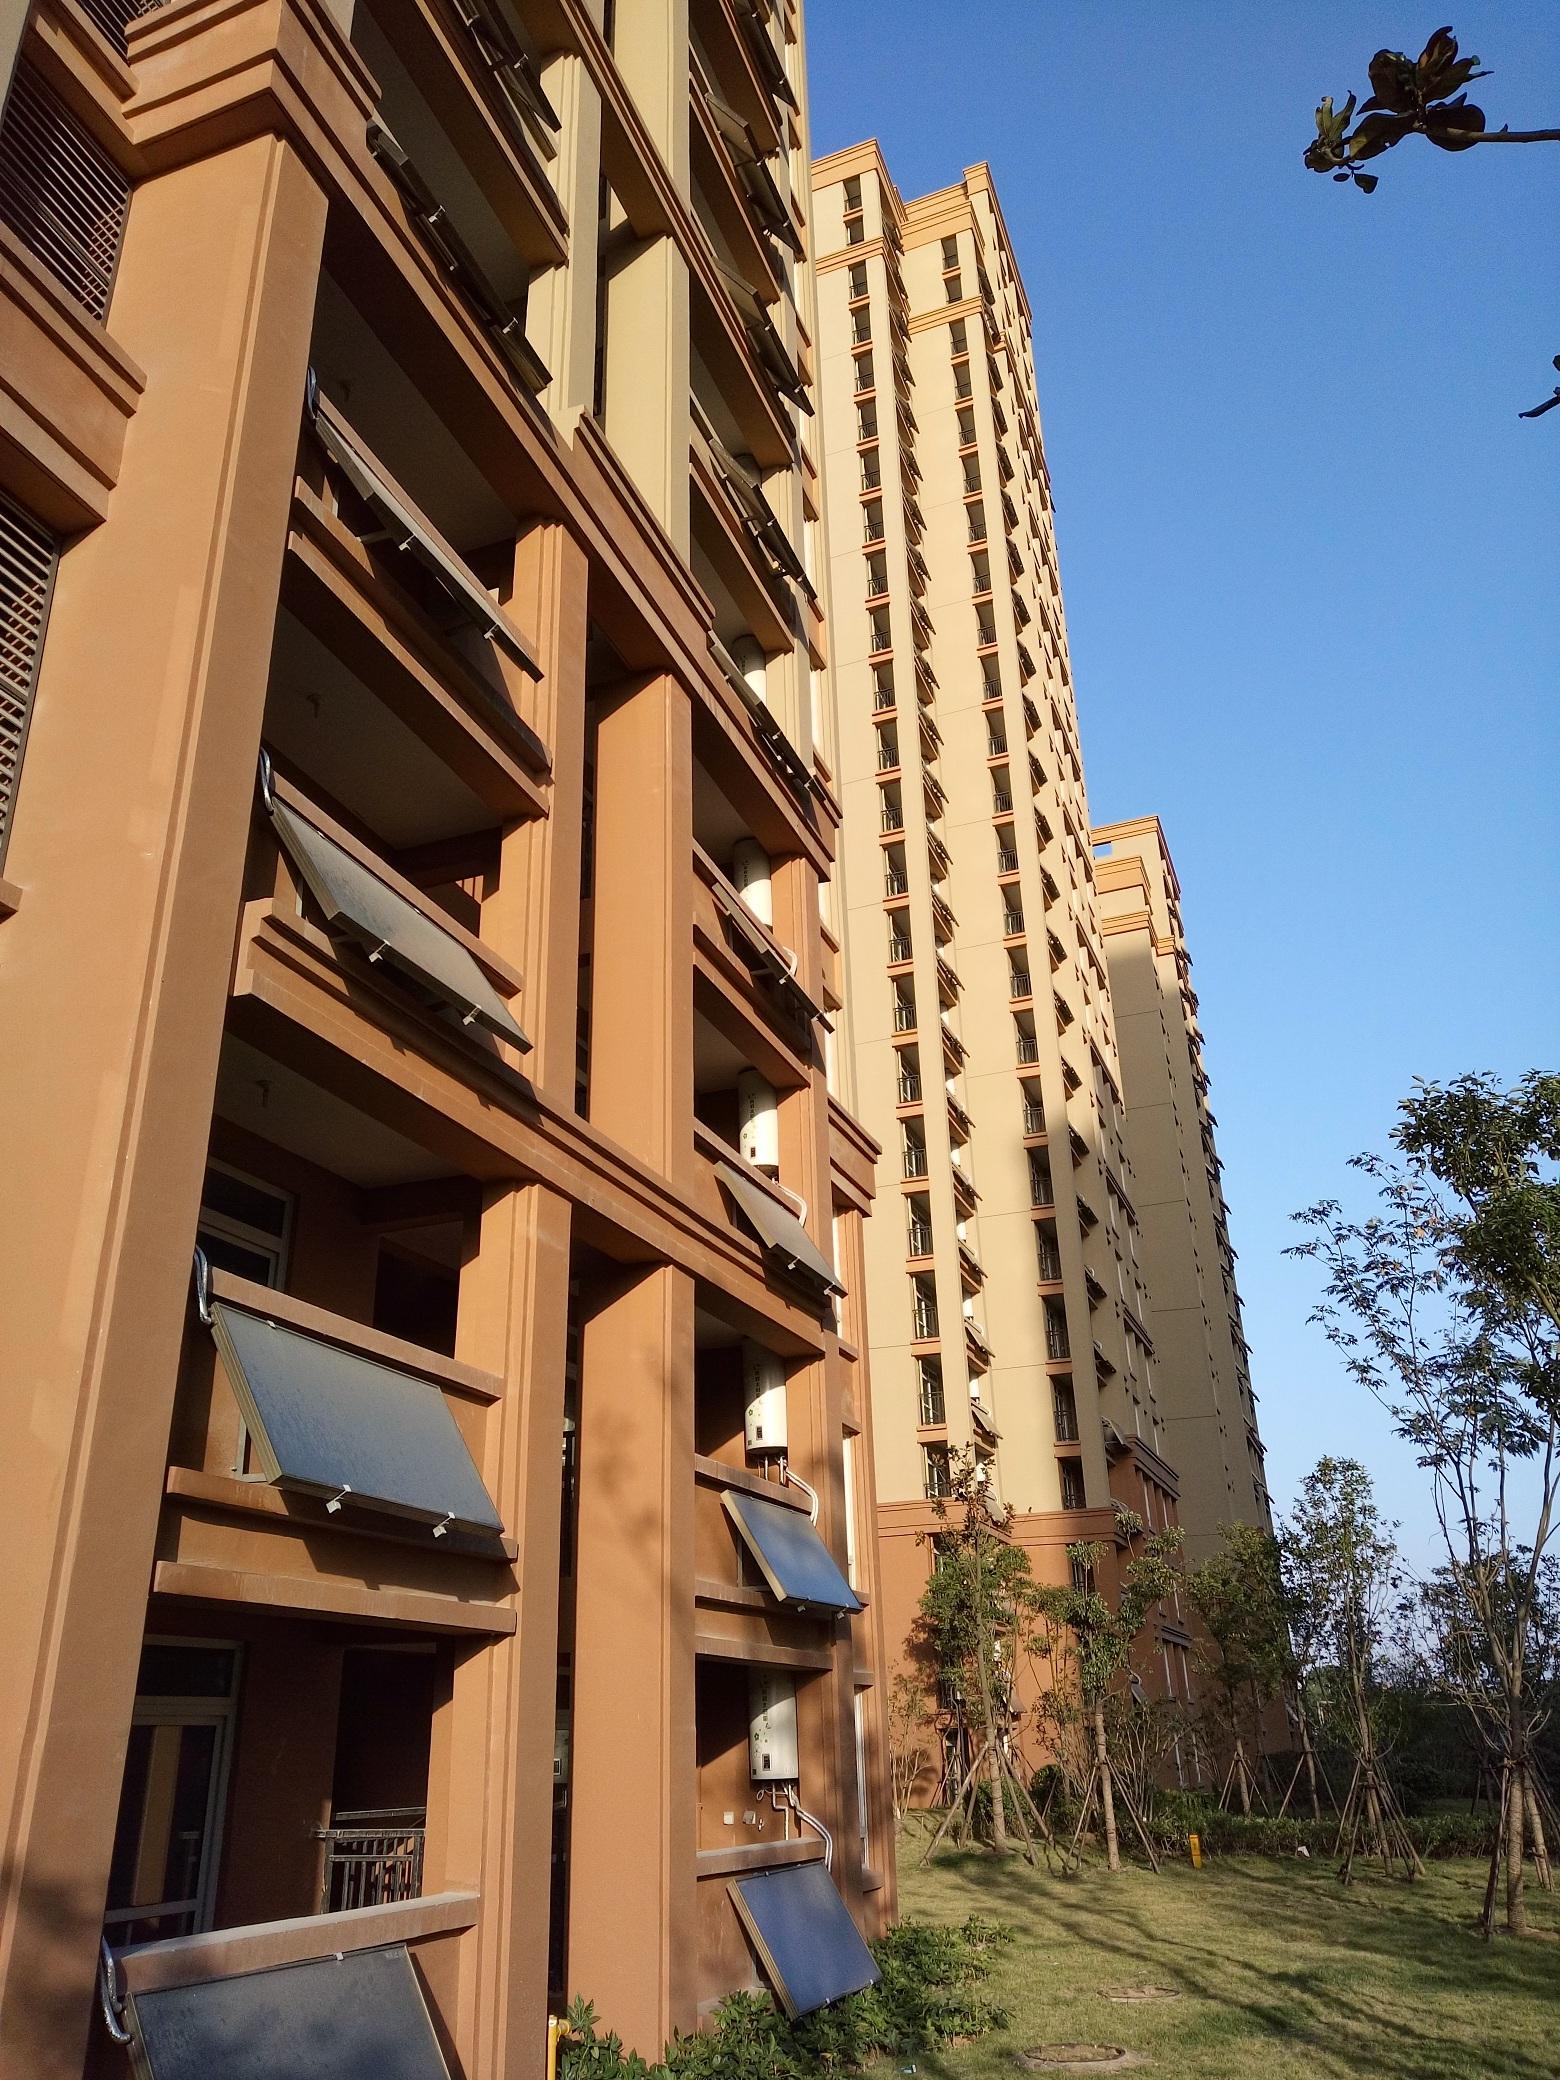 安徽合肥平板壁挂式太阳能热水器招商  加盟  代理  批发